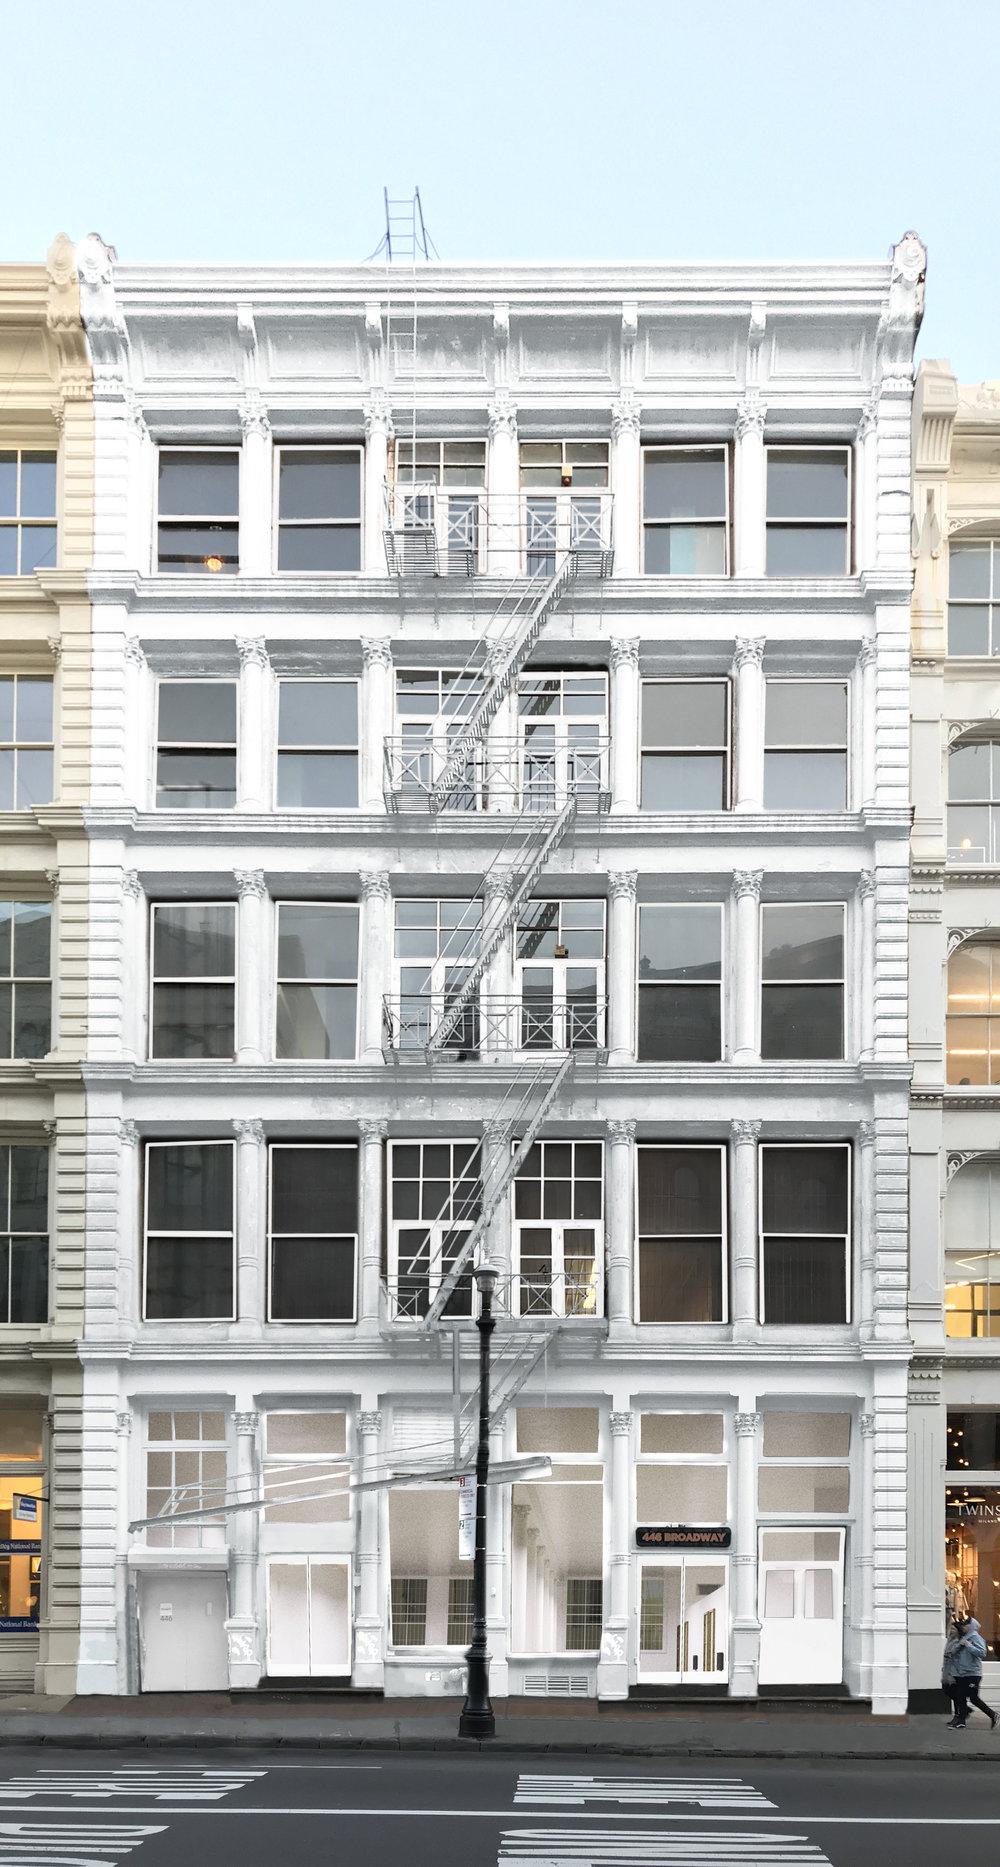 446 Broadway - New York, NY